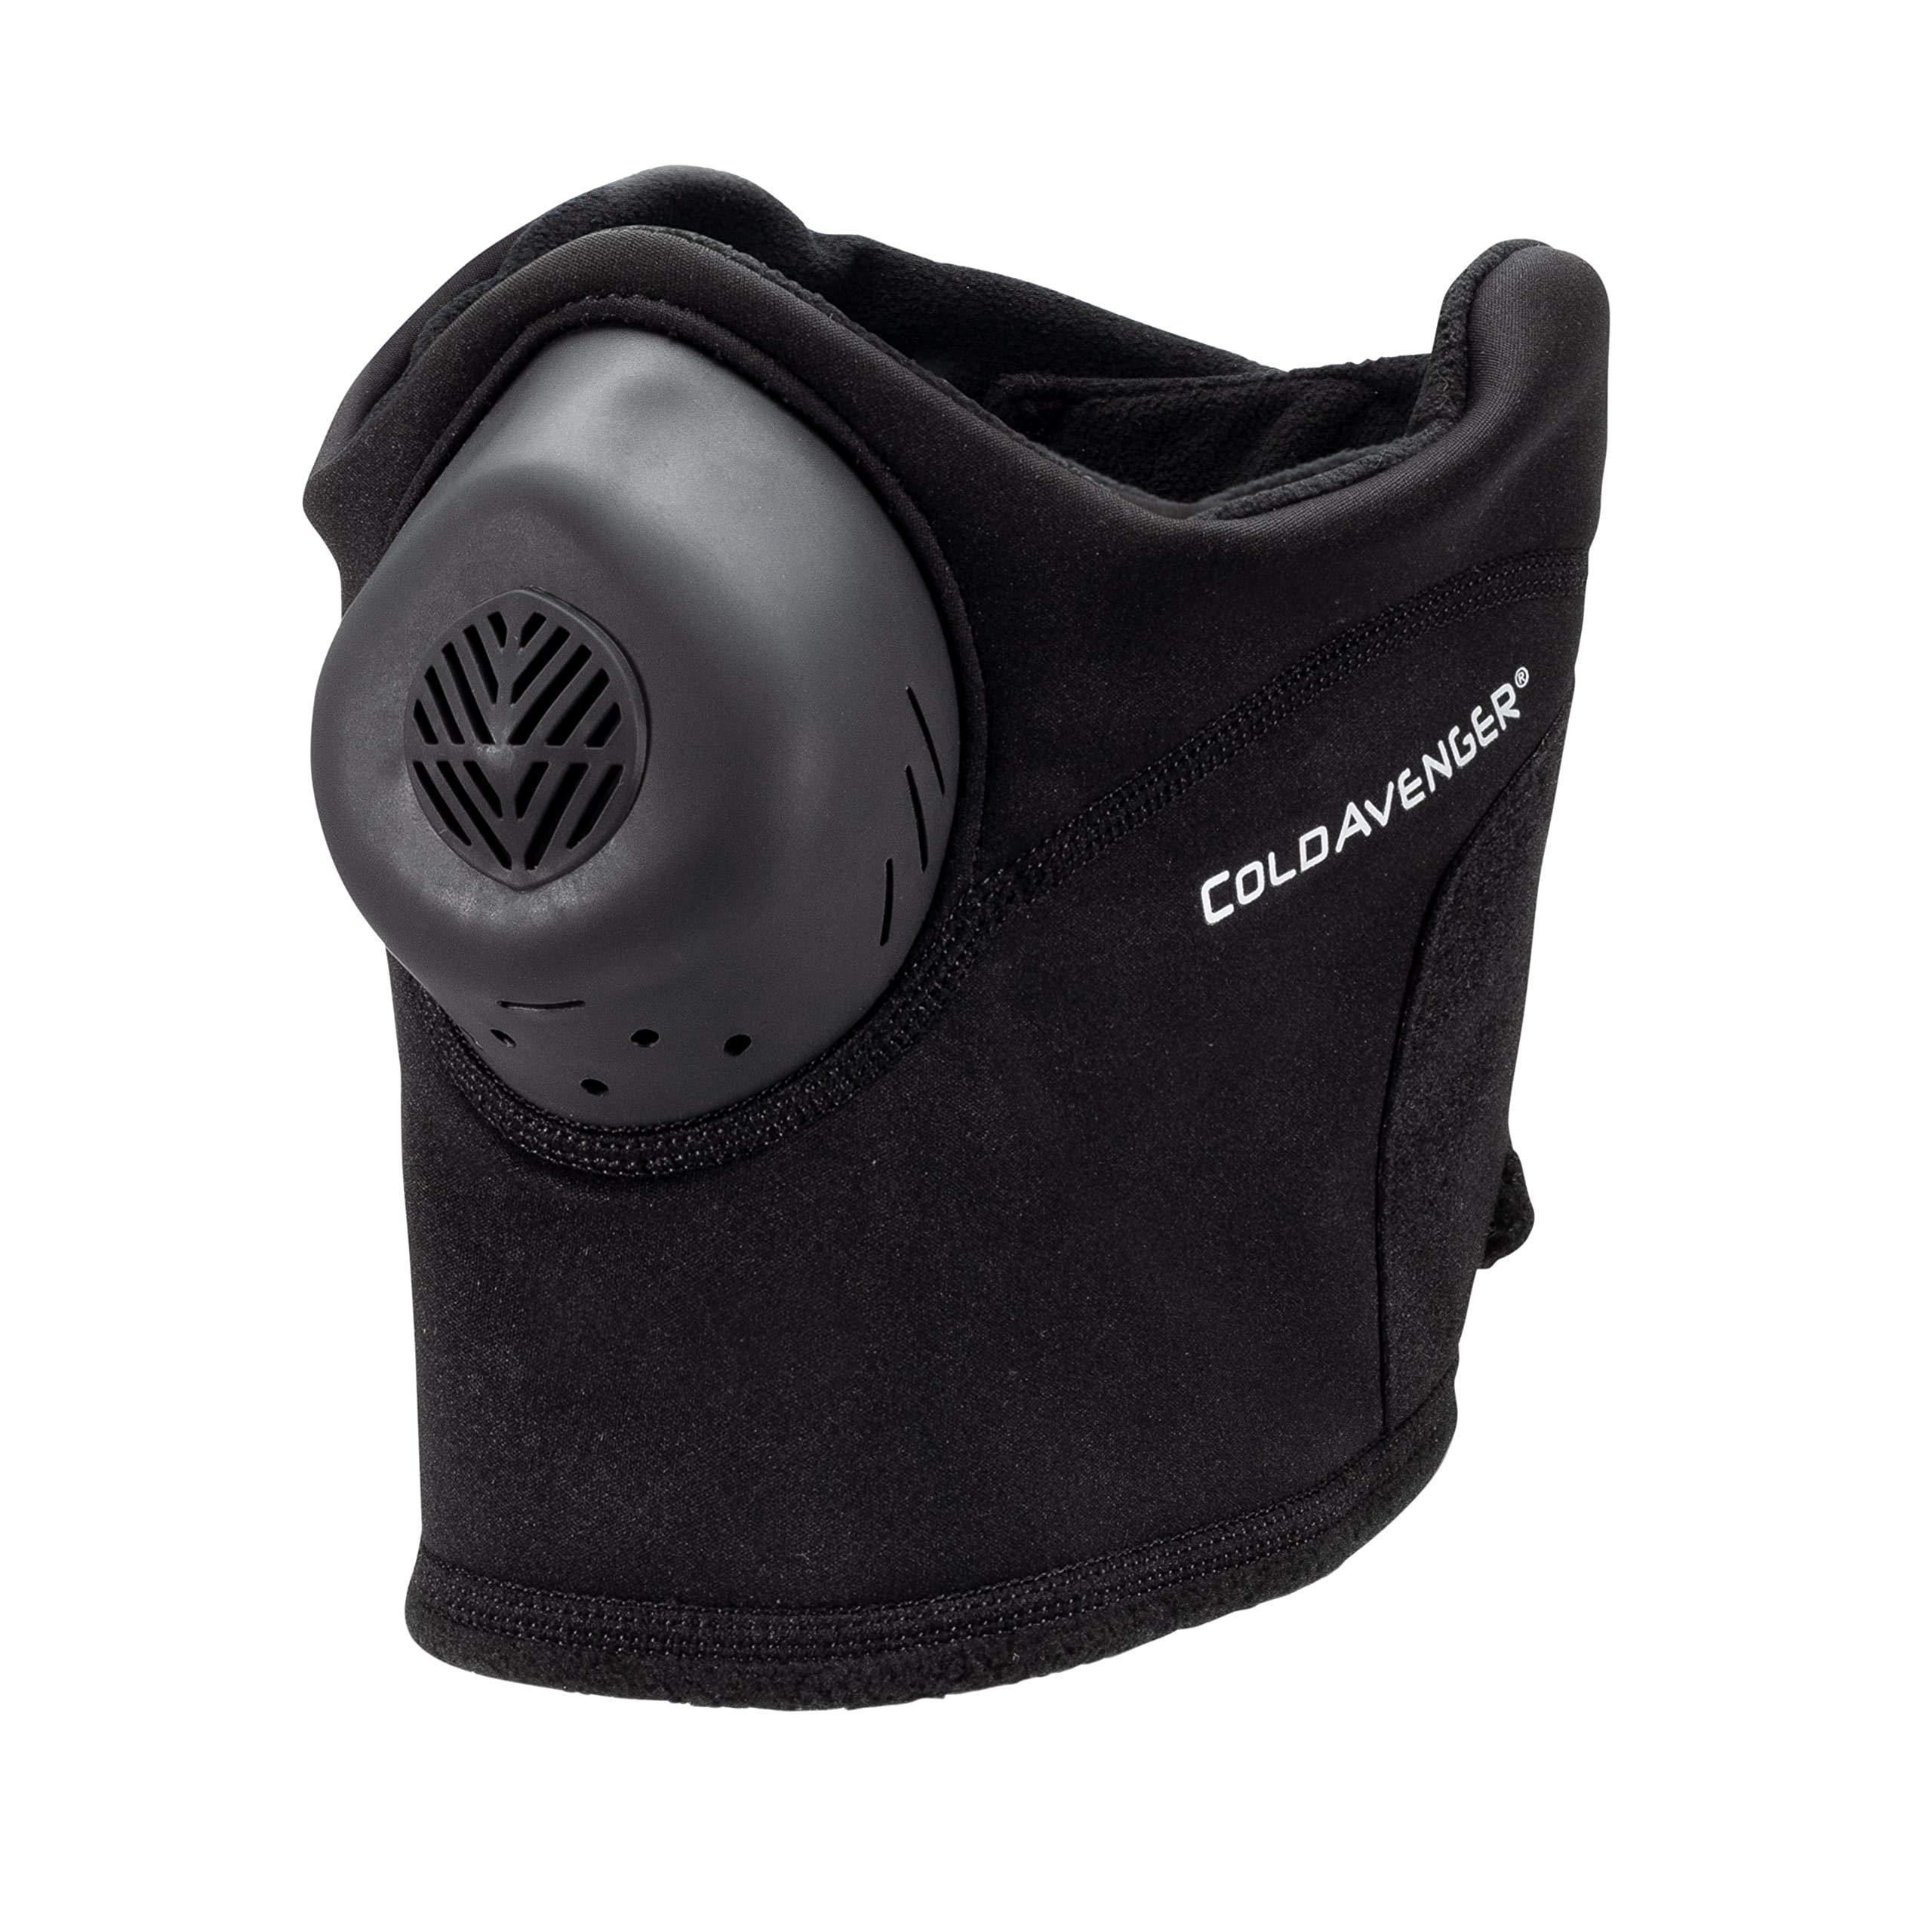 ColdAvenger Pro Softshell Cold Weather Face Mask by Coldavenger